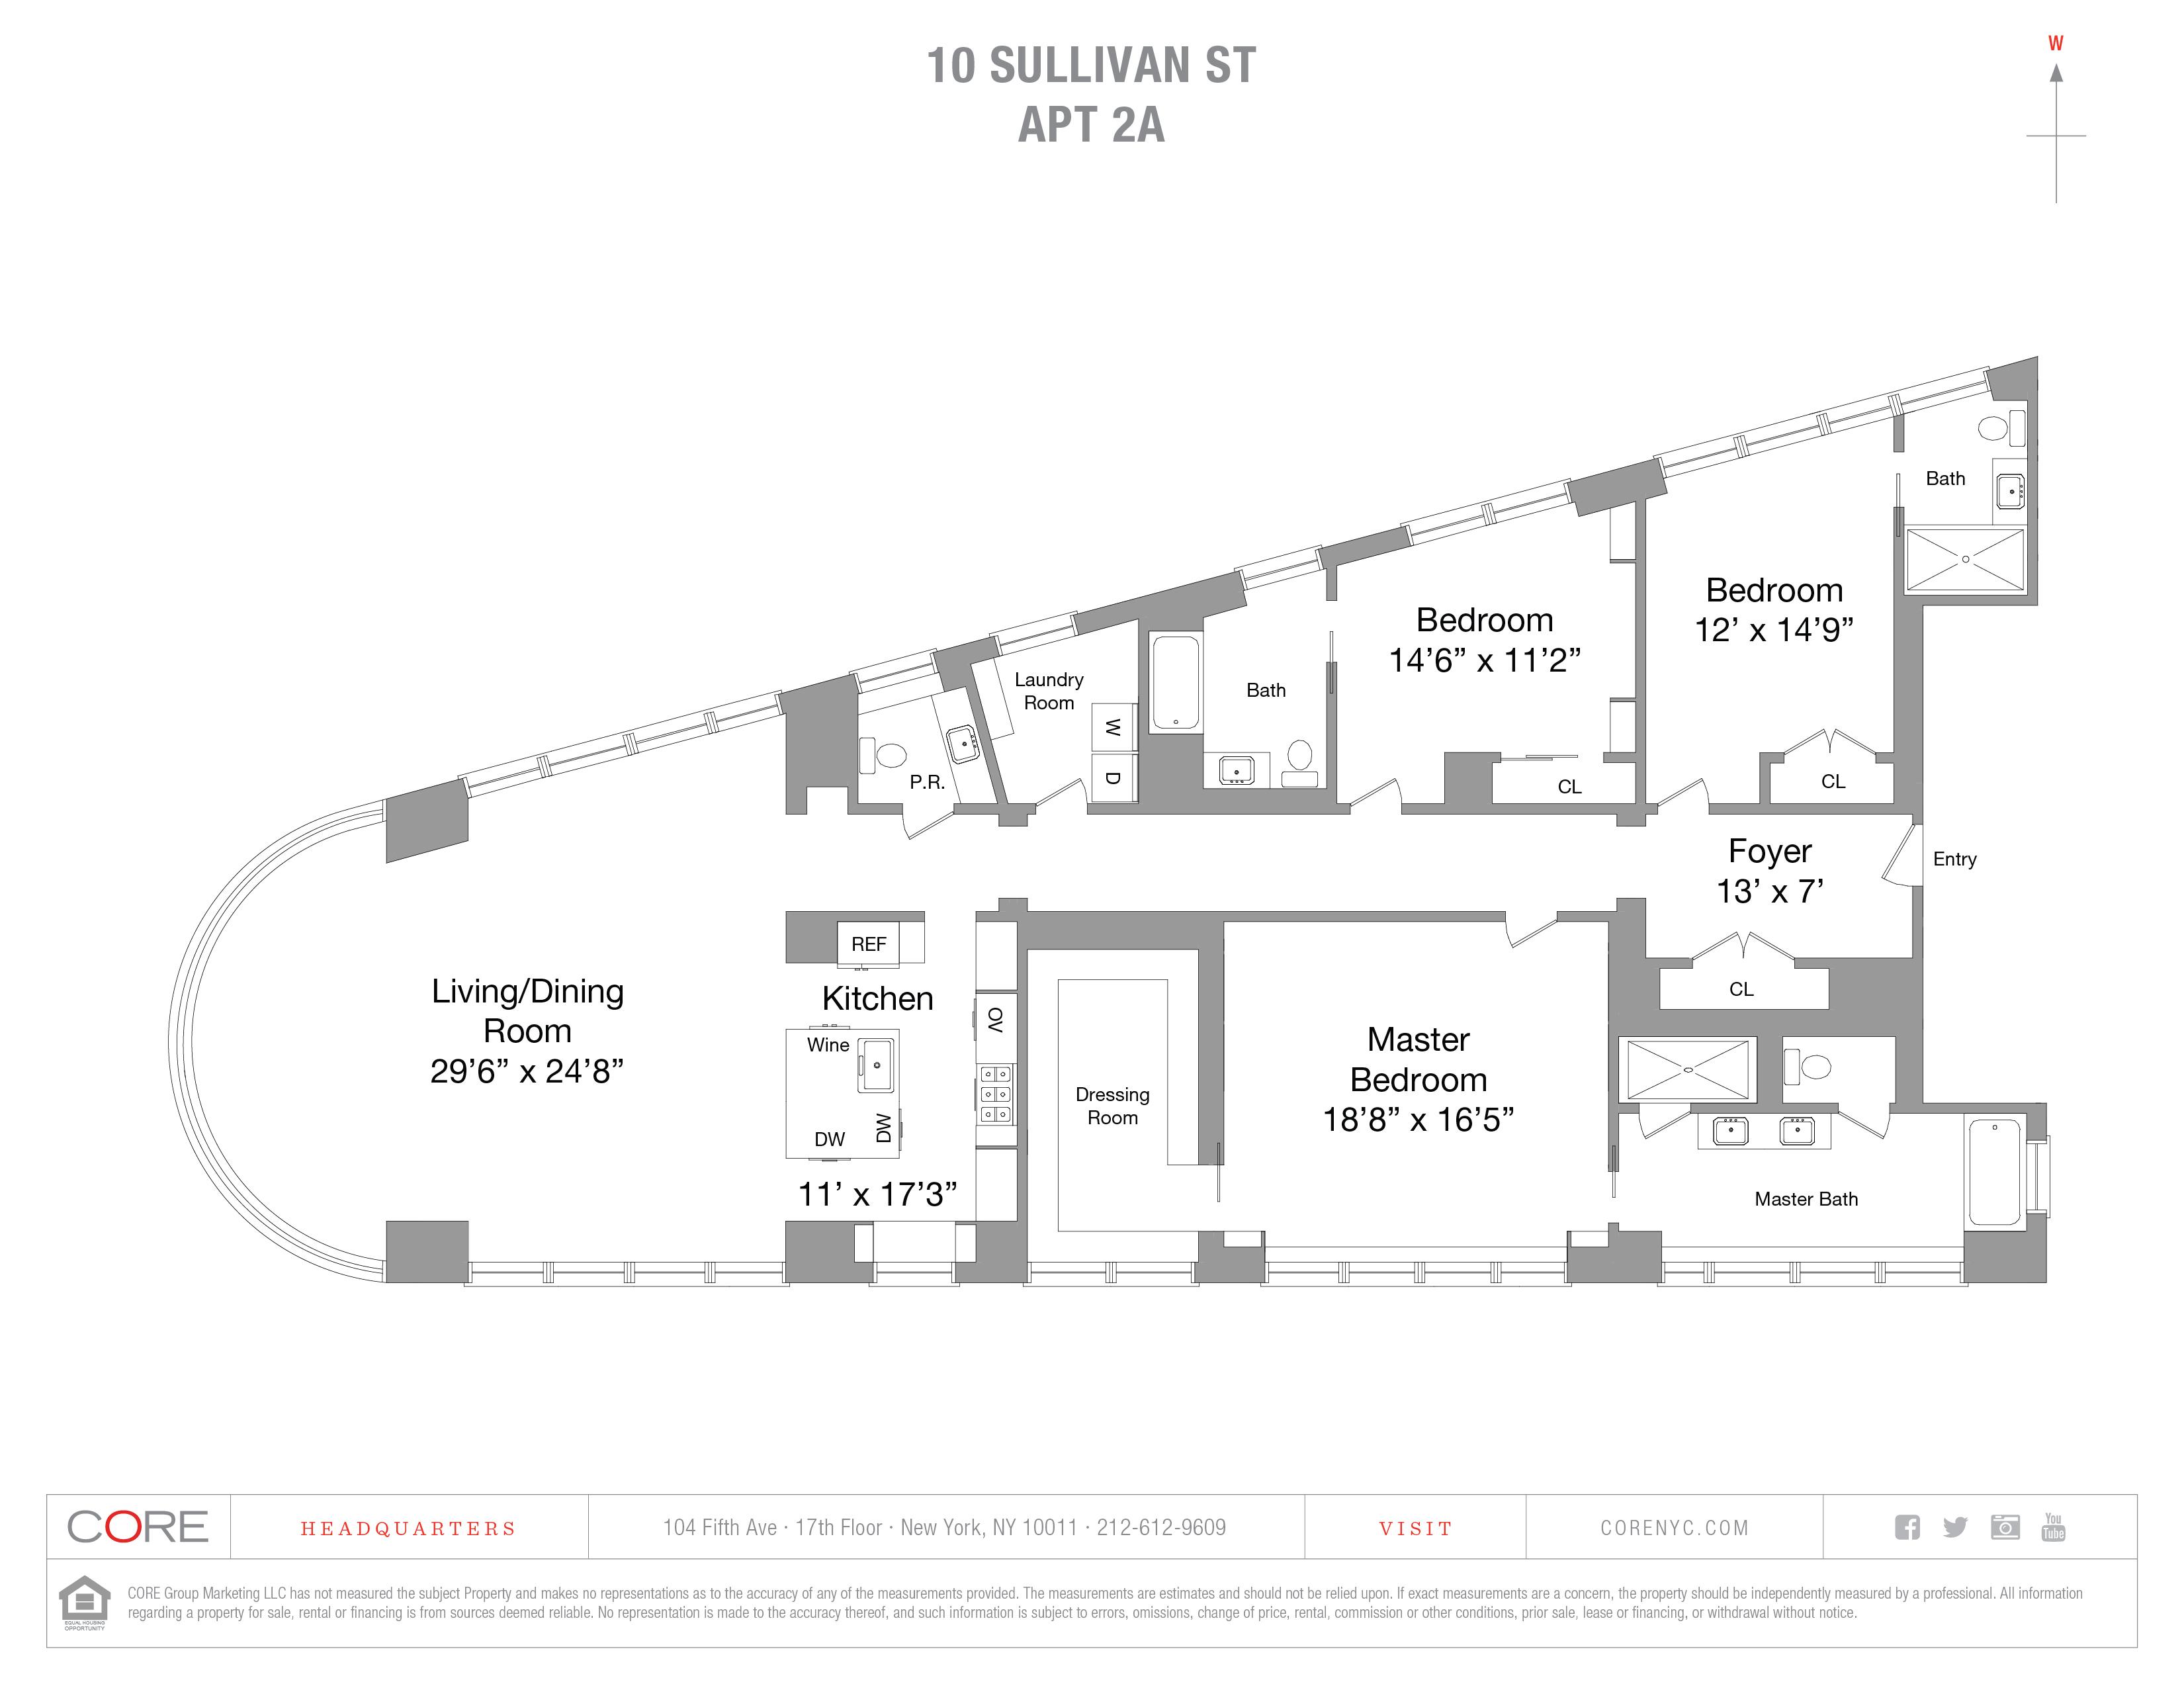 10 Sullivan St. 2A, New York, NY 10012